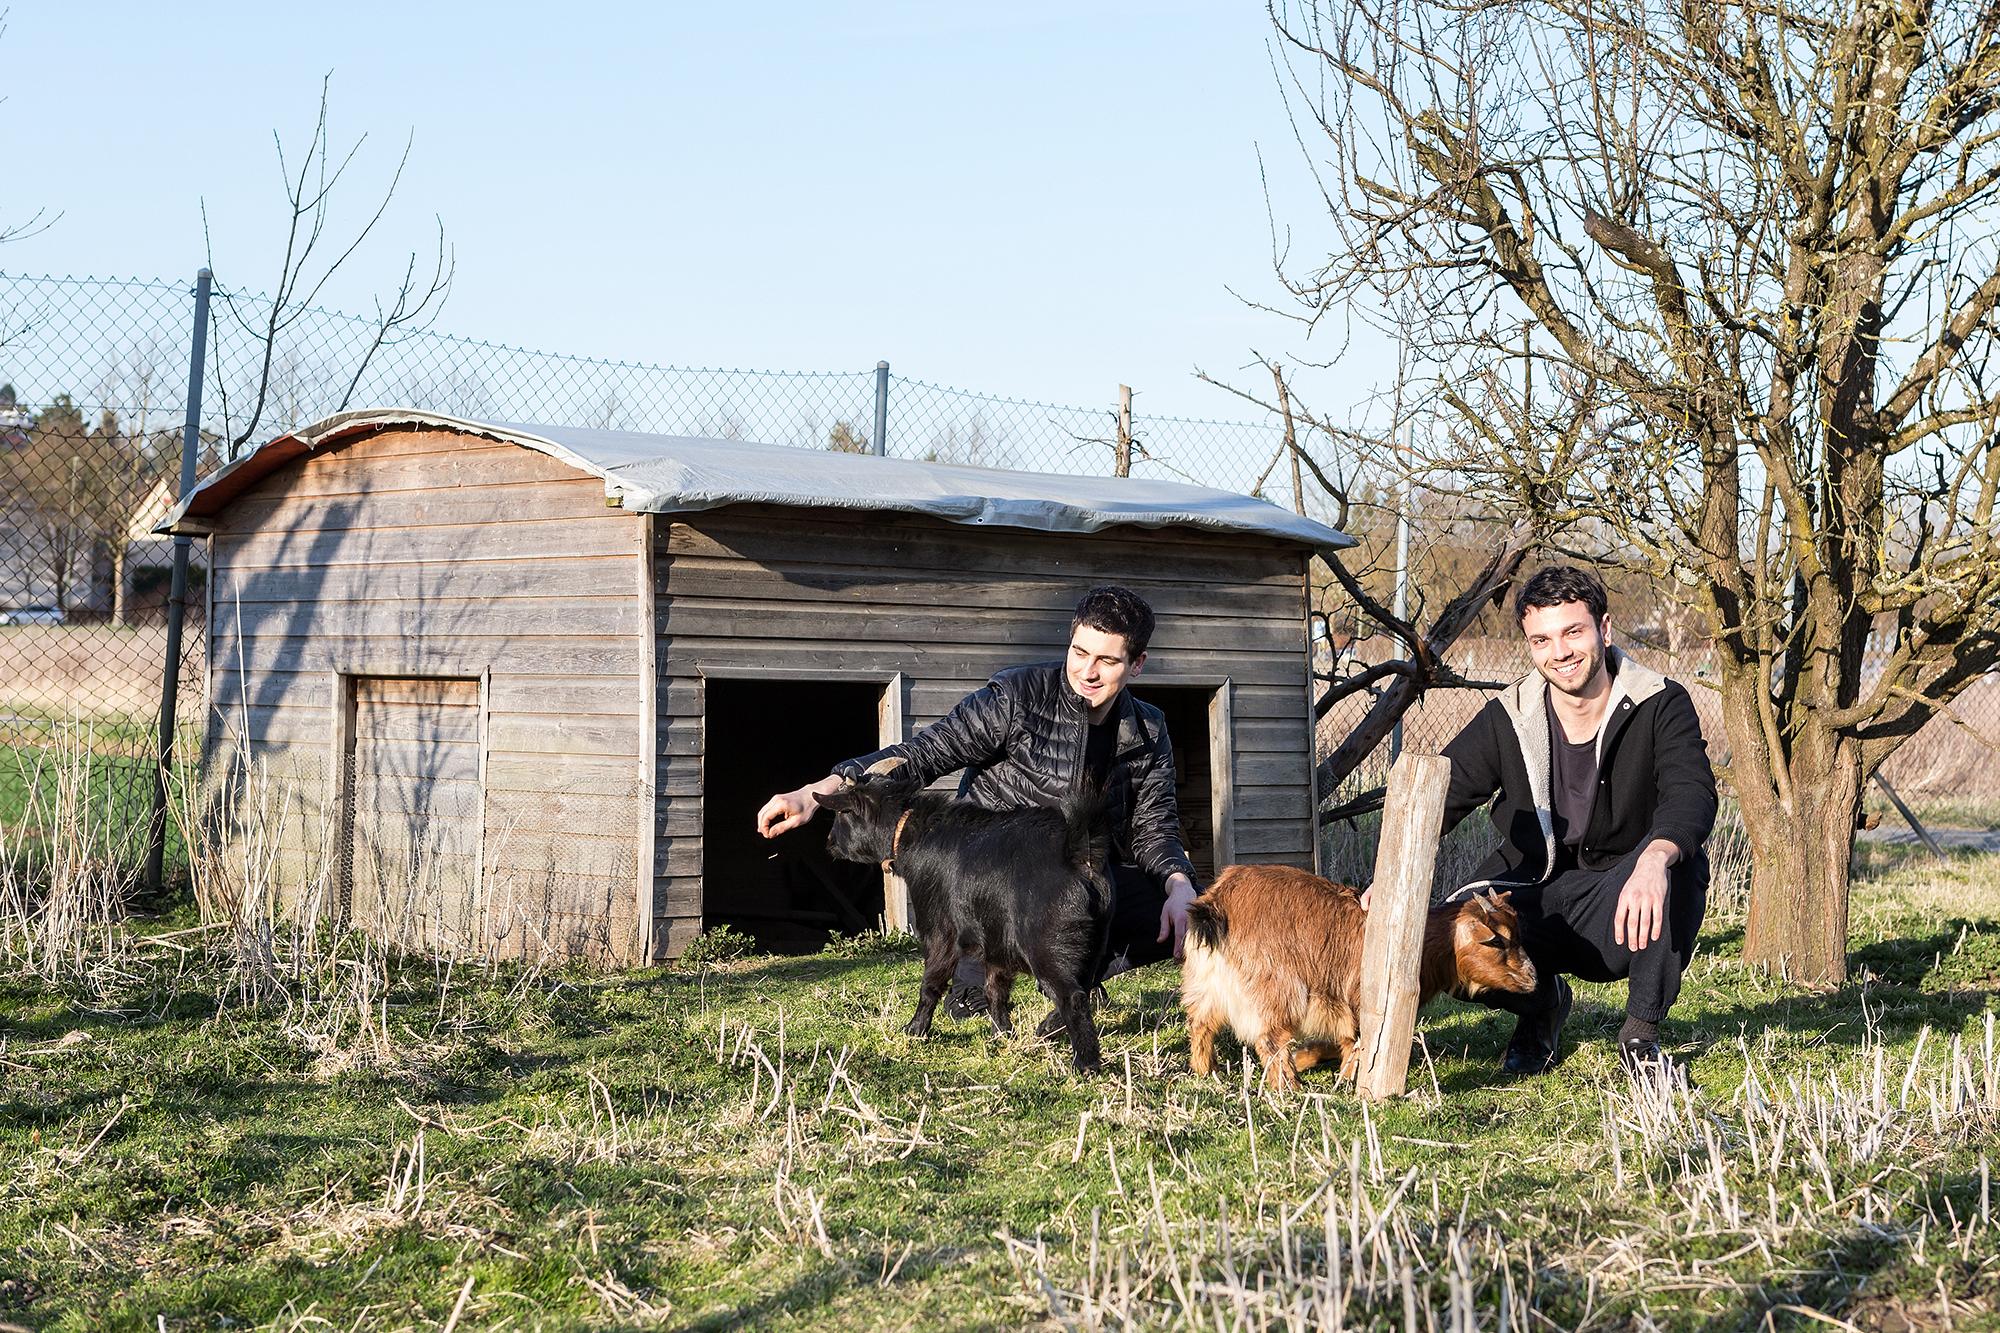 Die beiden Ziegen geniessen den Besuch der DJs.